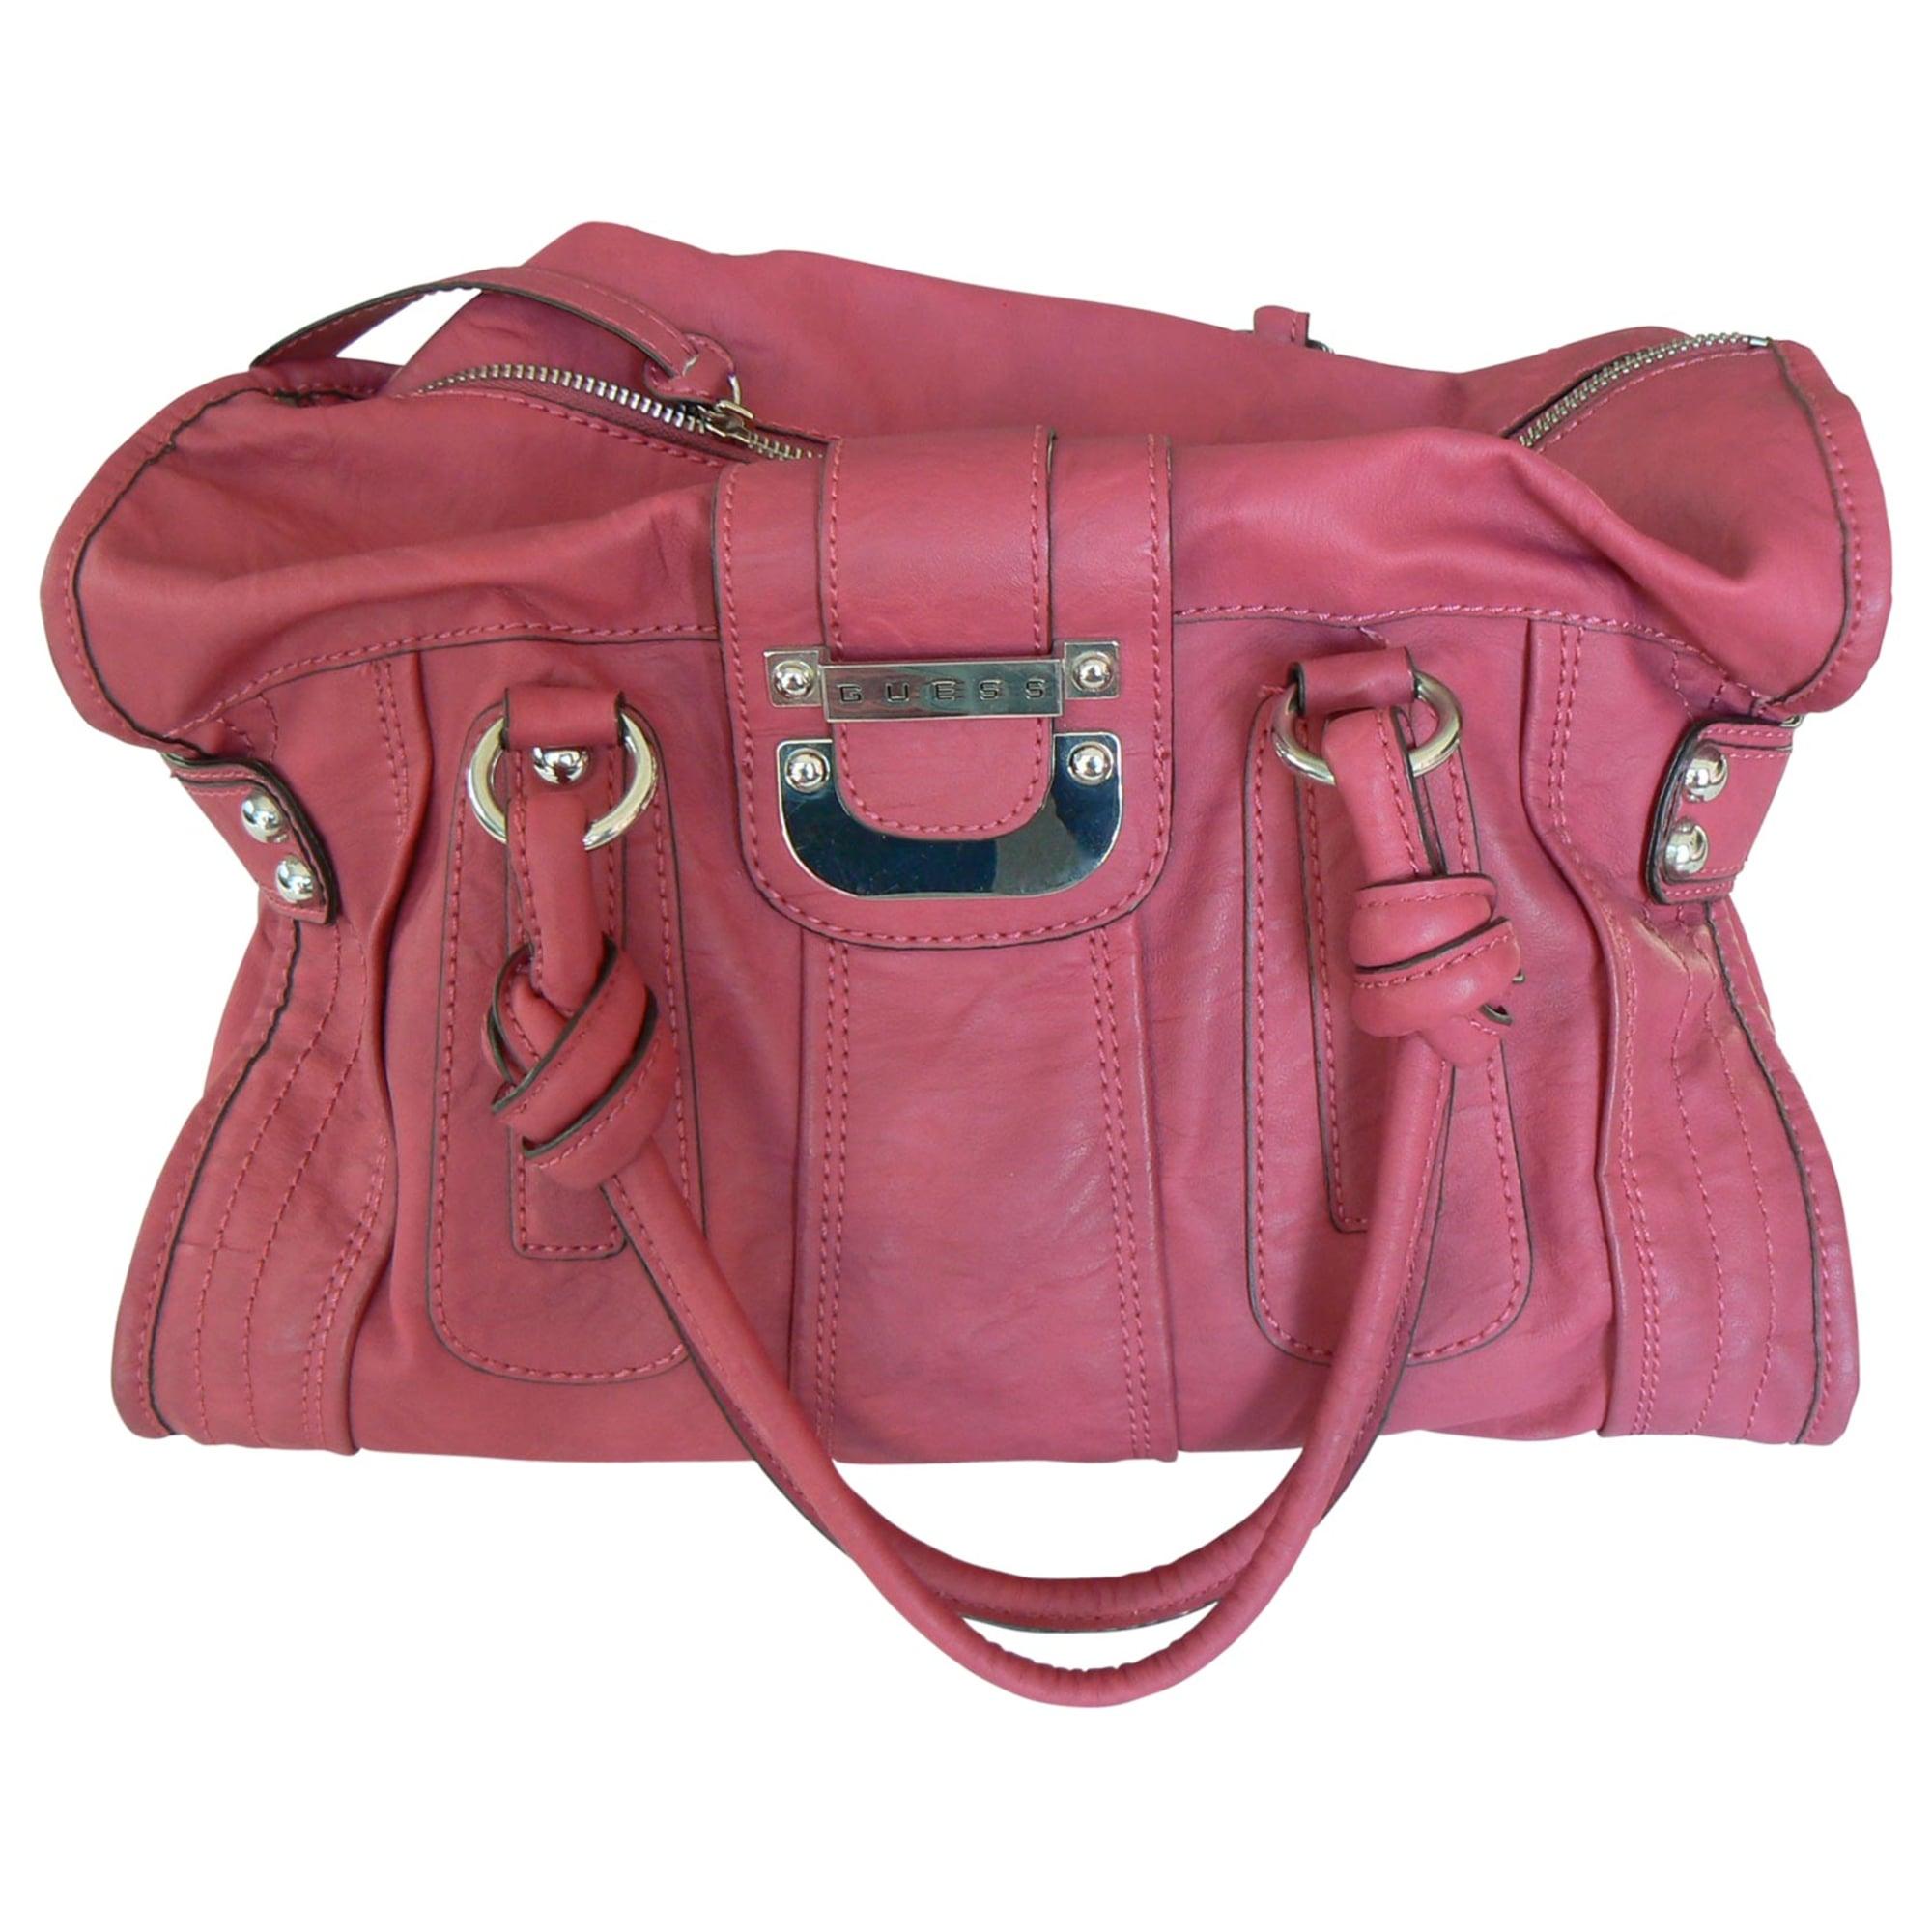 58bdfa45c2 Sac à main en cuir GUESS rose vendu par Moon. - 1980621